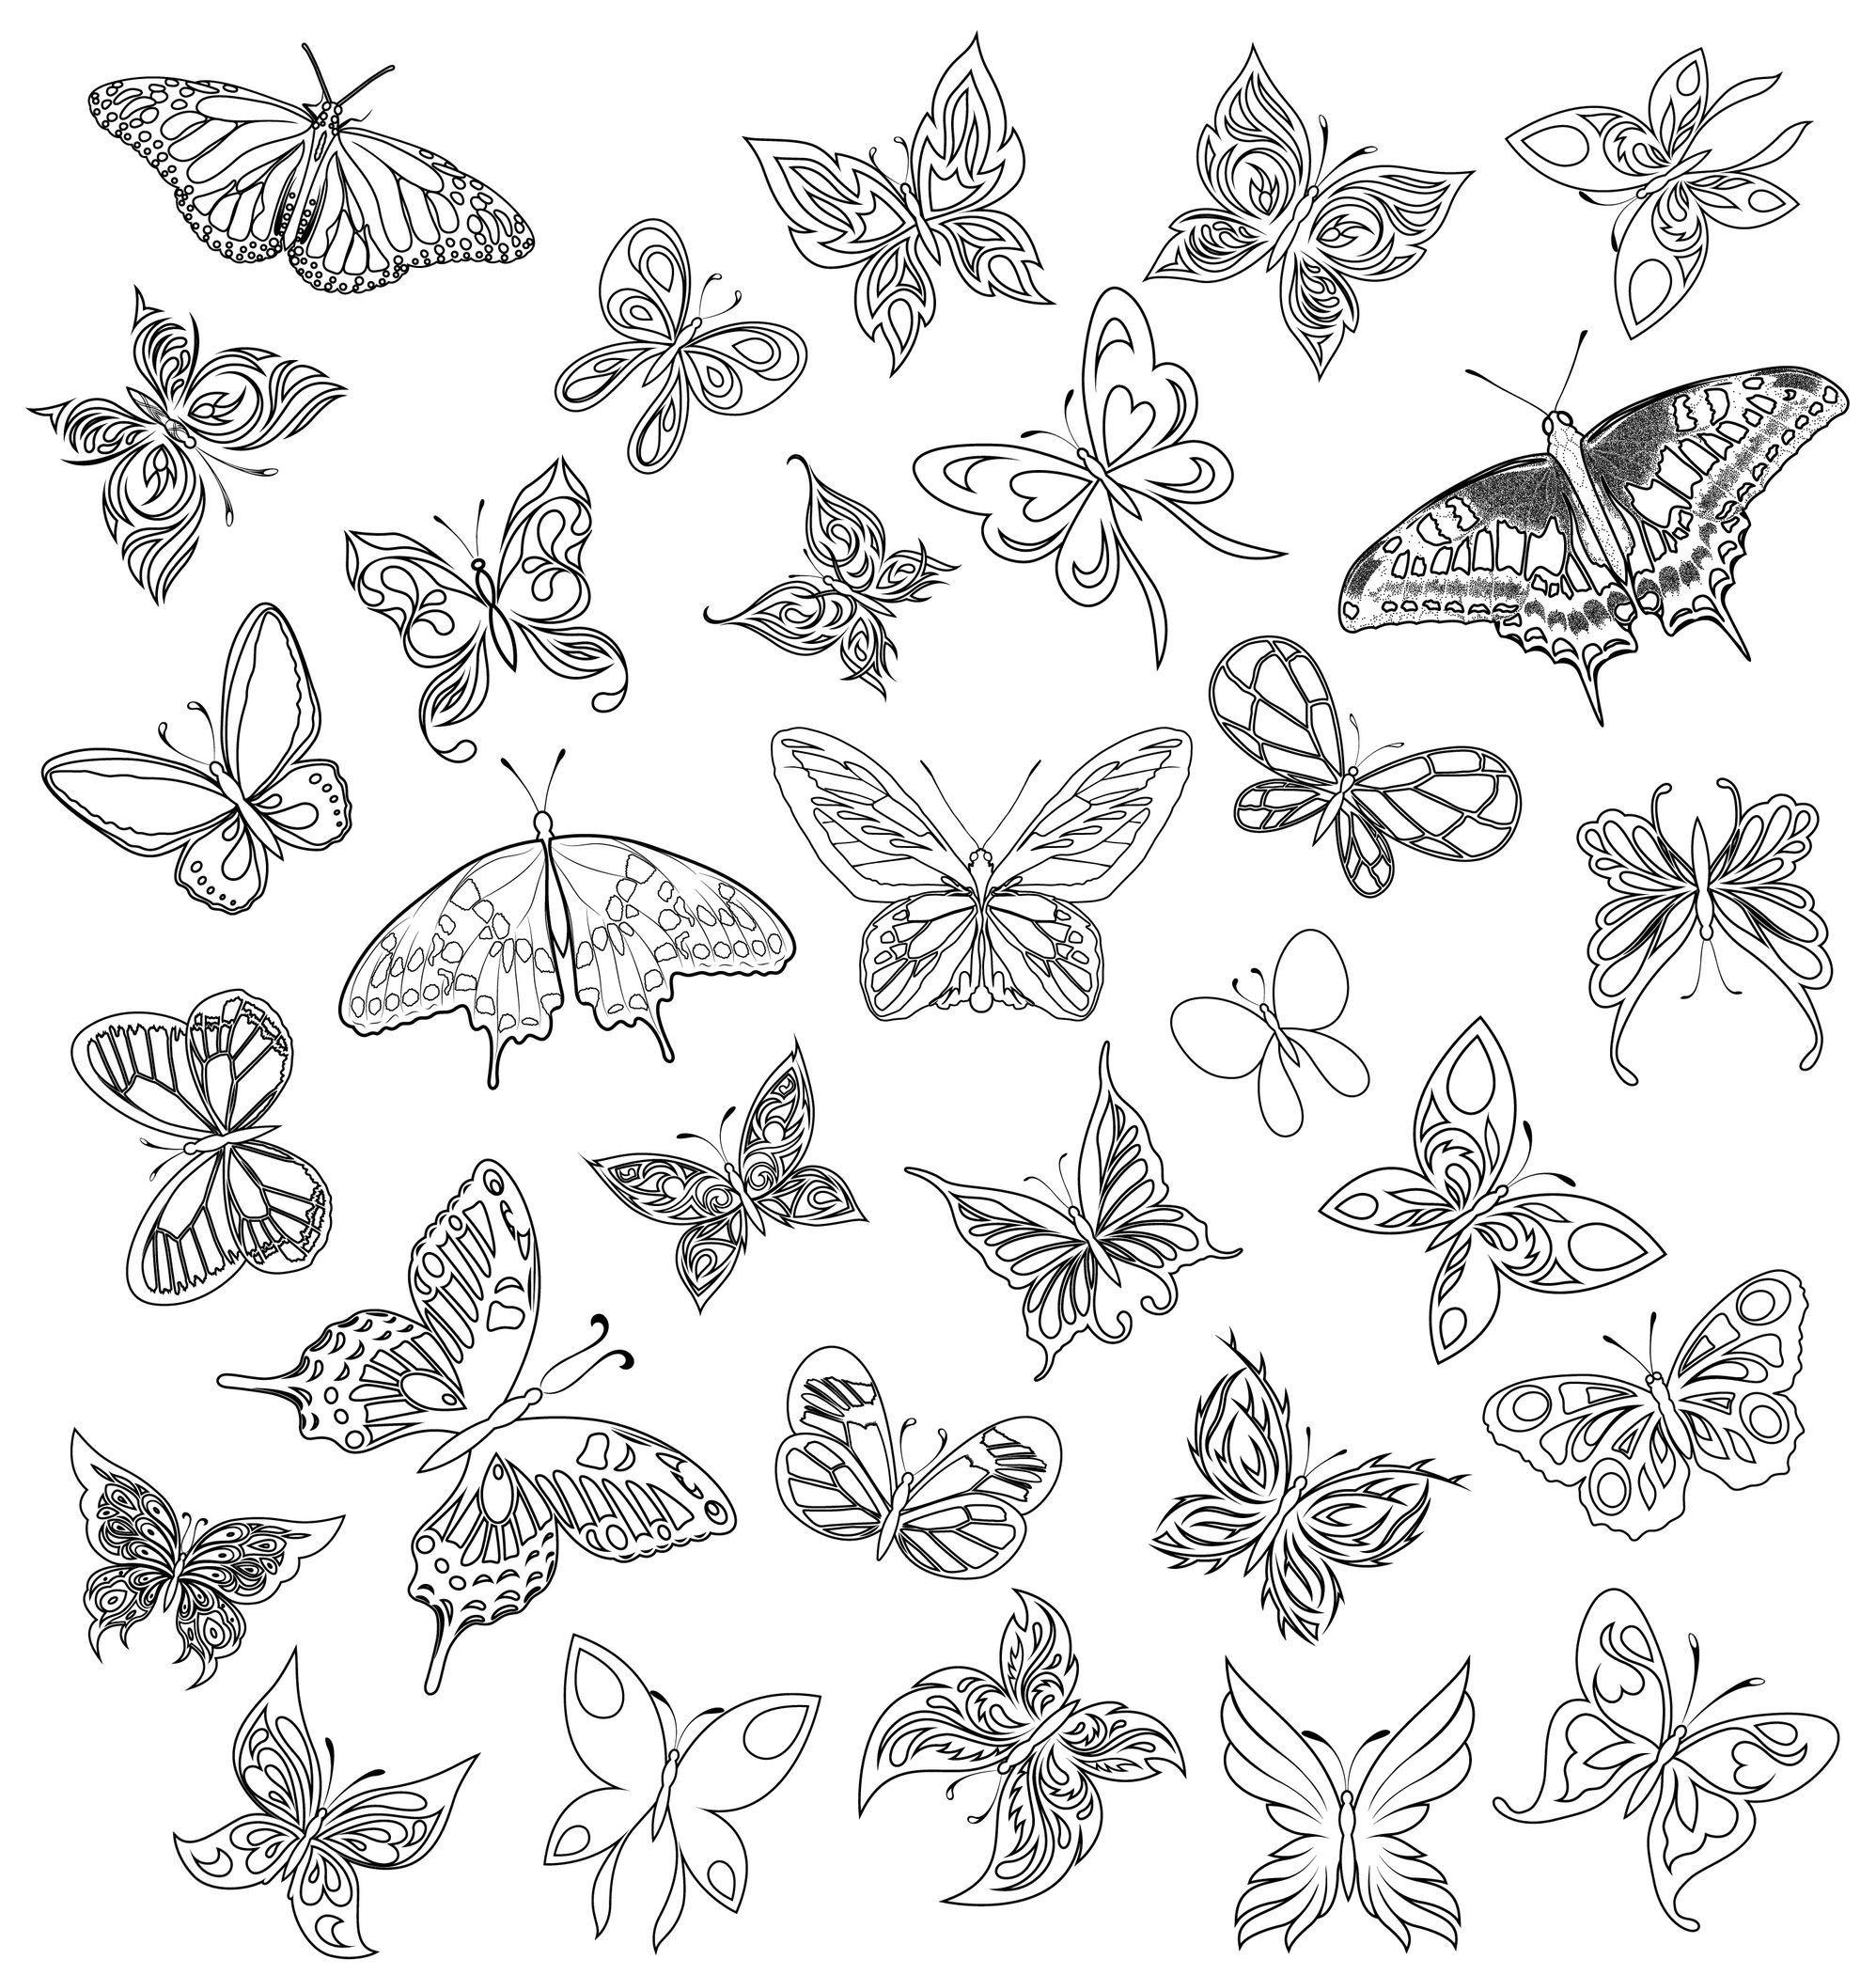 Coloriage de papillon | Butterflies to Color | Pinterest | Coloriage ...